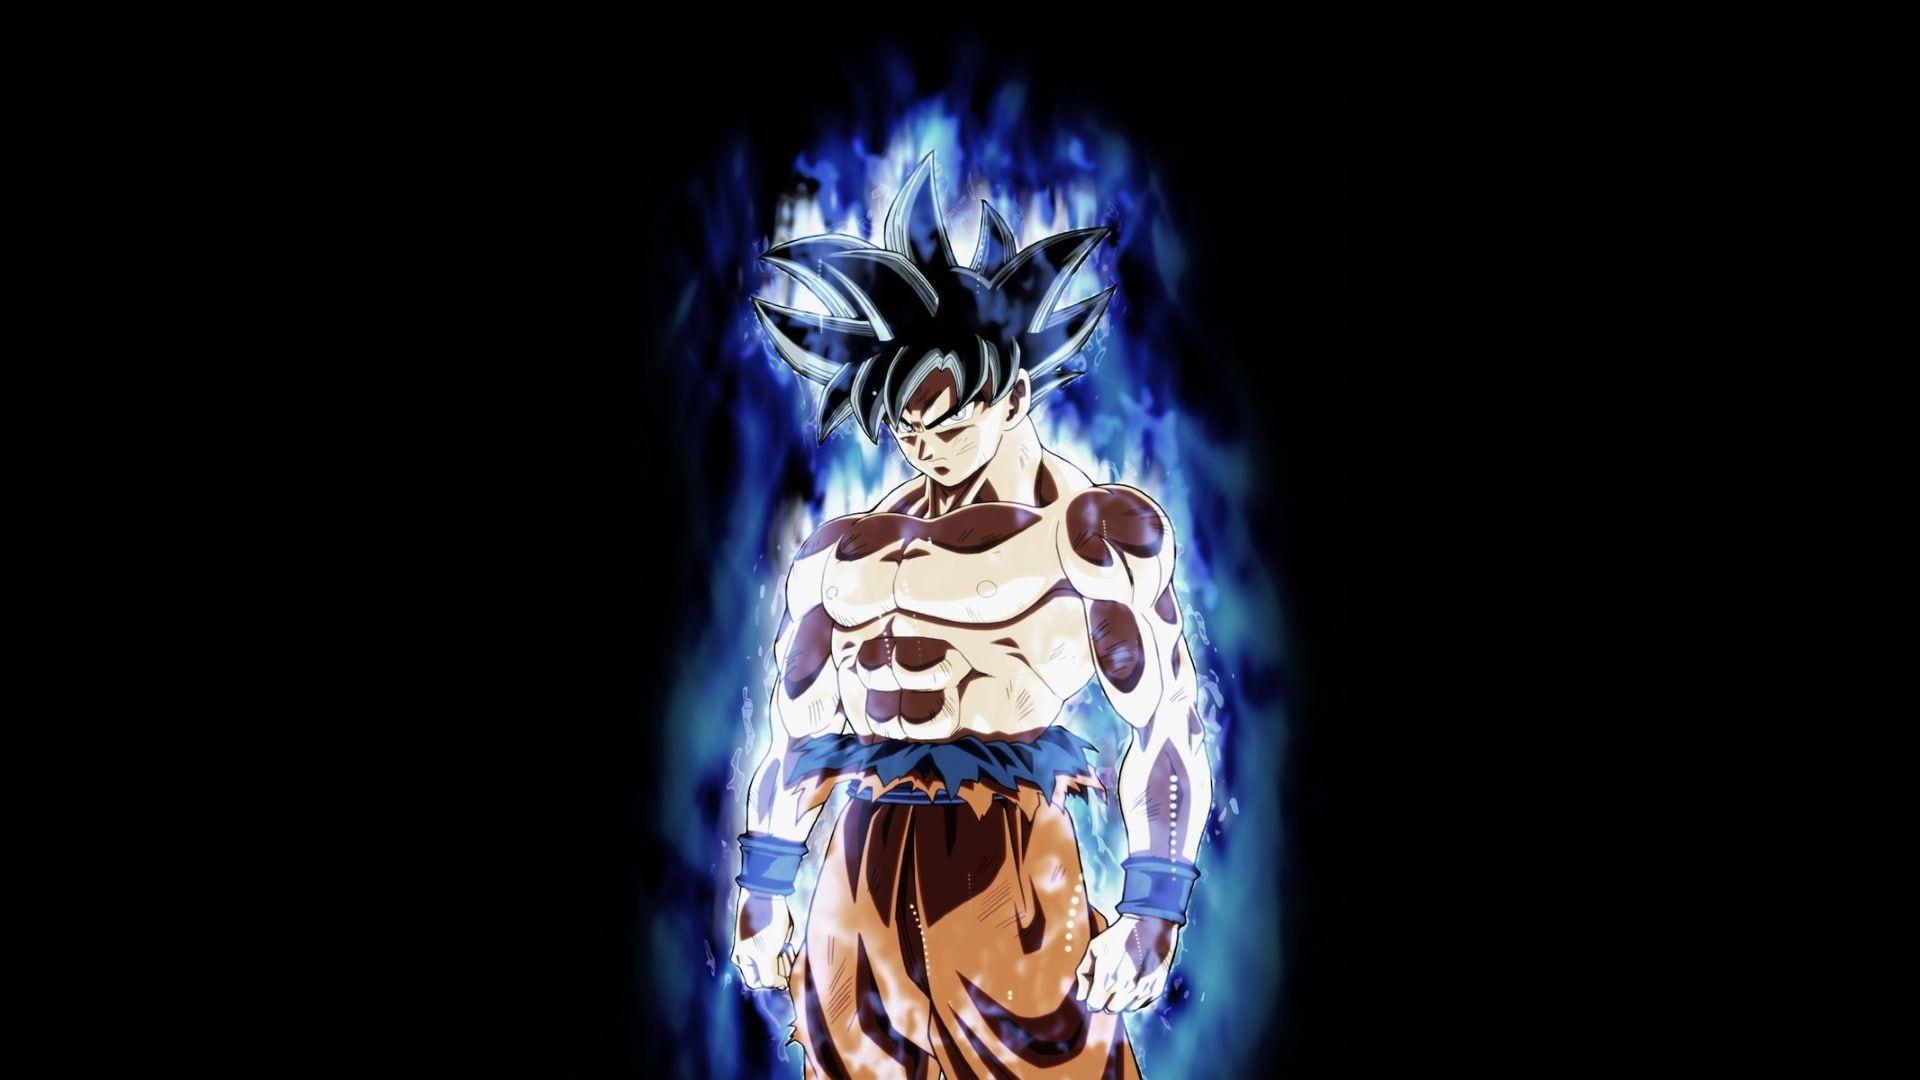 Son Goku Dragon Ball Dragon Ball Super Ultra Instinct Goku 1080p Wallpaper Hdwallpaper Desktop In 2020 Goku Wallpaper Dragon Ball Wallpapers Goku Wallpaper Iphone